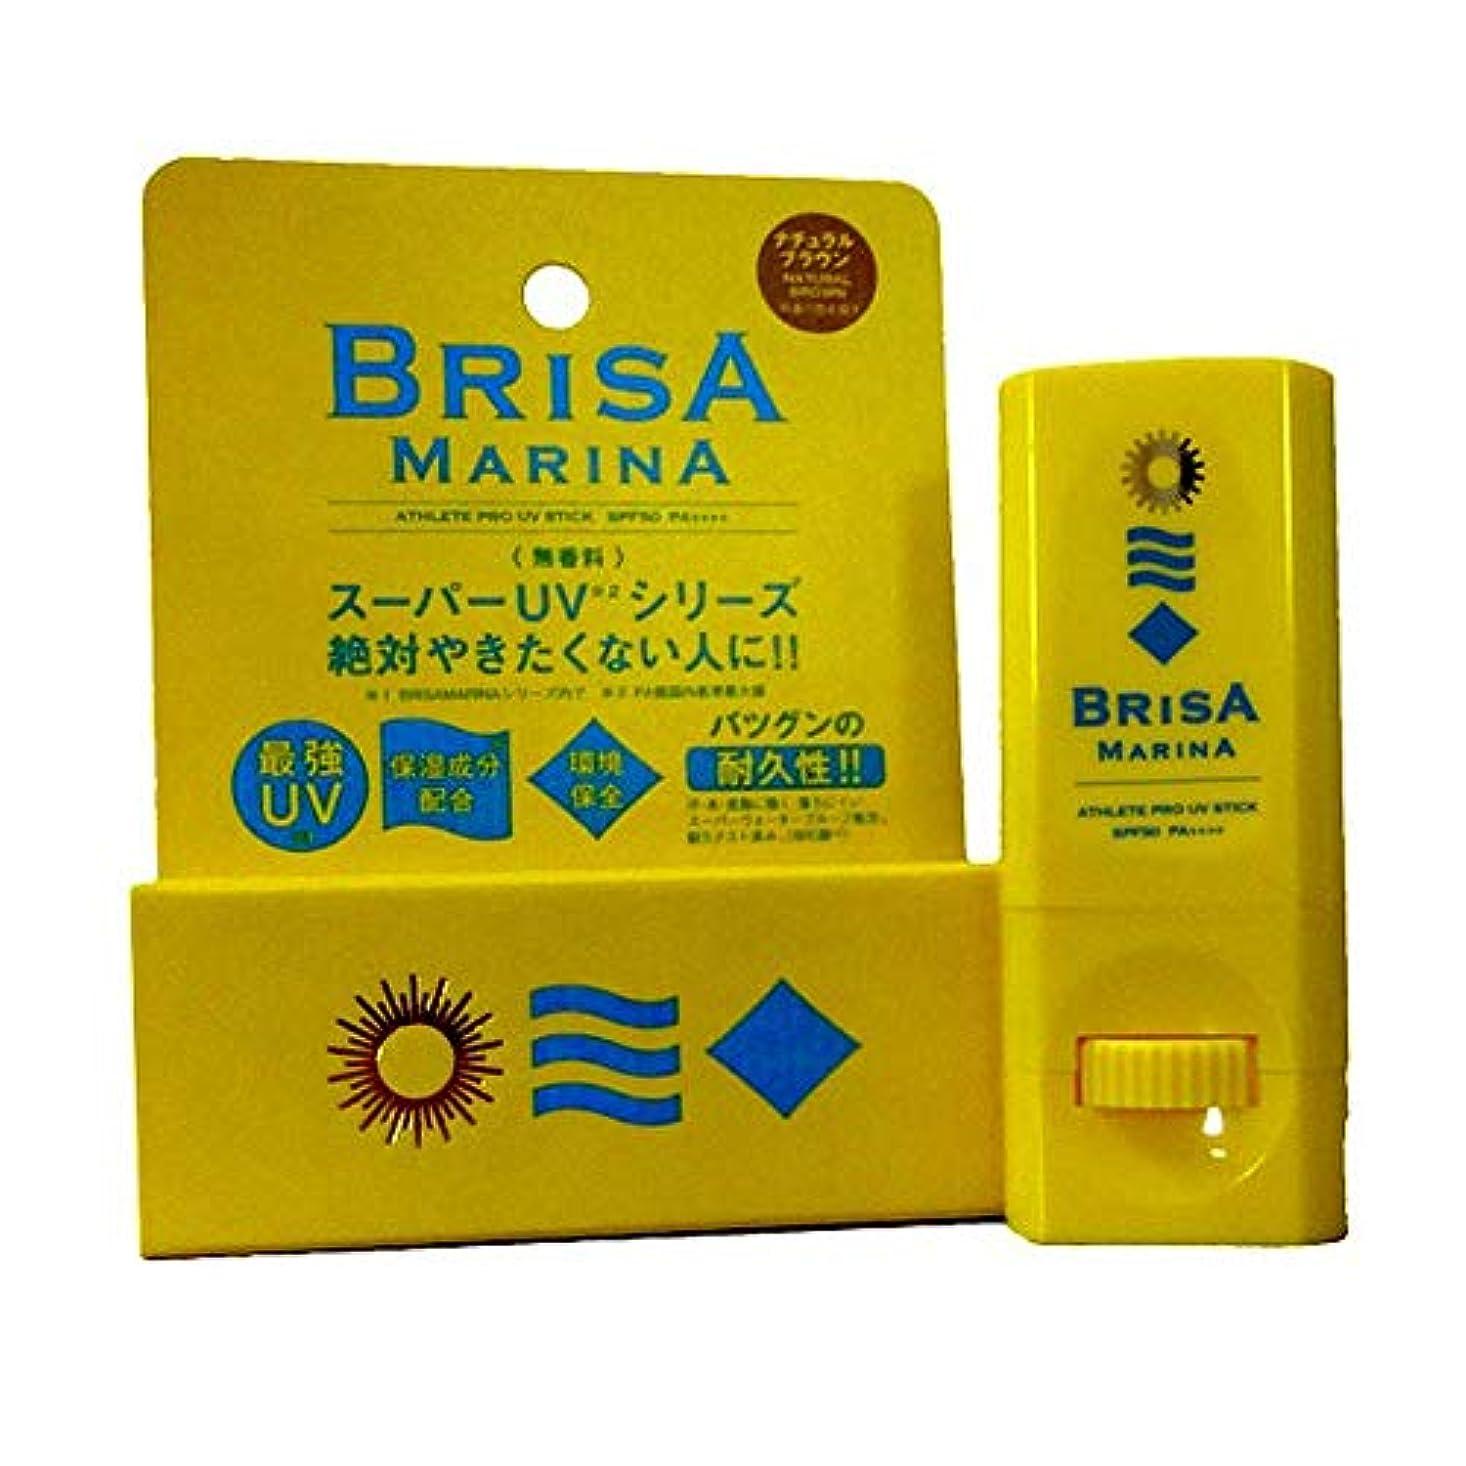 特異性オレンジ周りBRISA MARINA(ブリサマリーナ) ATHLETE PRO UV STICK 10g 日焼け止め スティック (02-NATURAL BROWN)